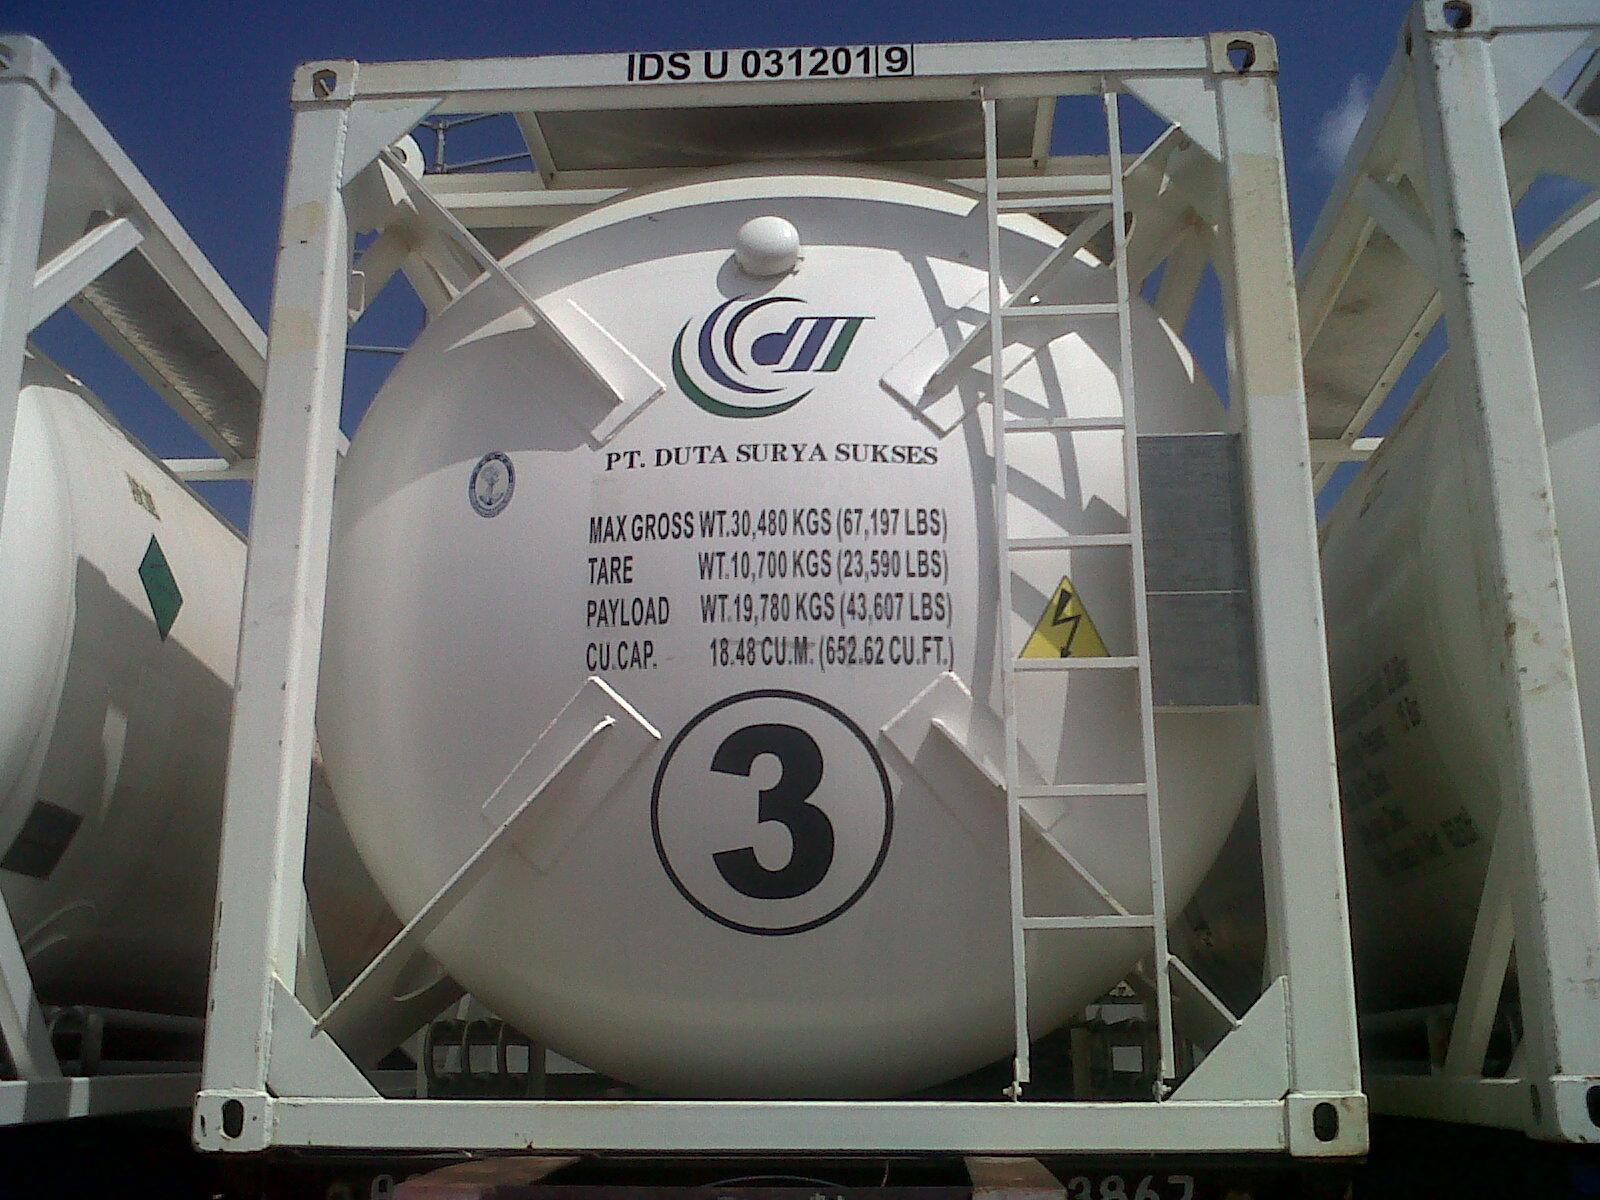 Storage Cryogenic cylinder liquid oxygen iso tank PT. Duta Surya Sukses at Batam